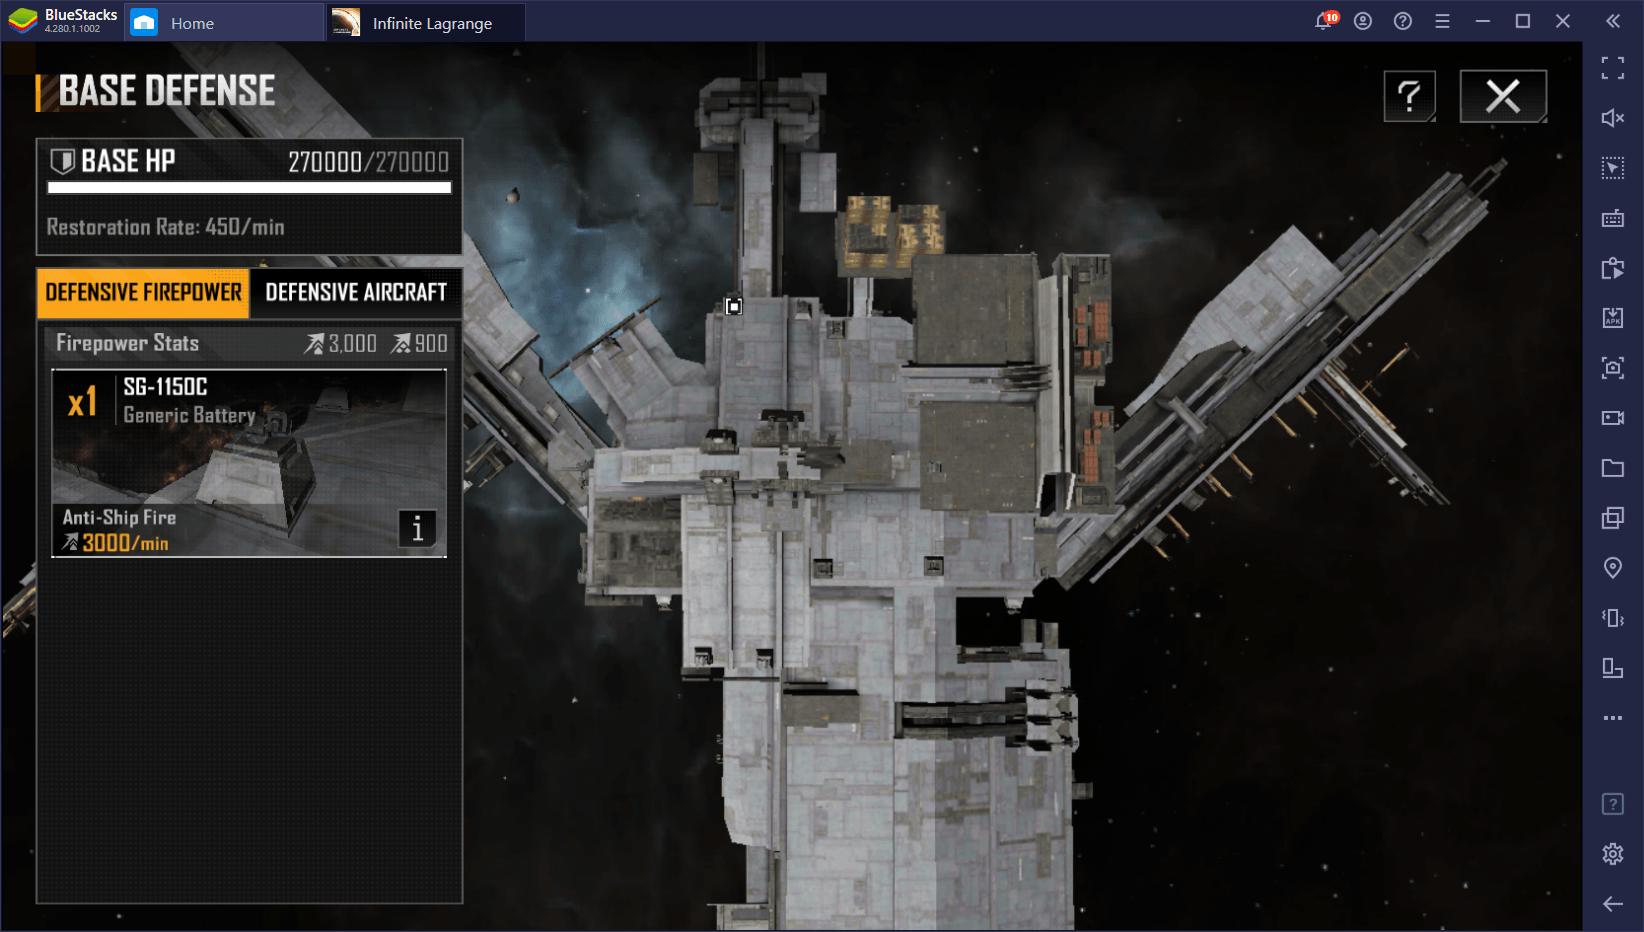 لعبة Infinite Lagrange على جهاز الكمبيوتر – كيفية بناء وتطوير قاعدتك